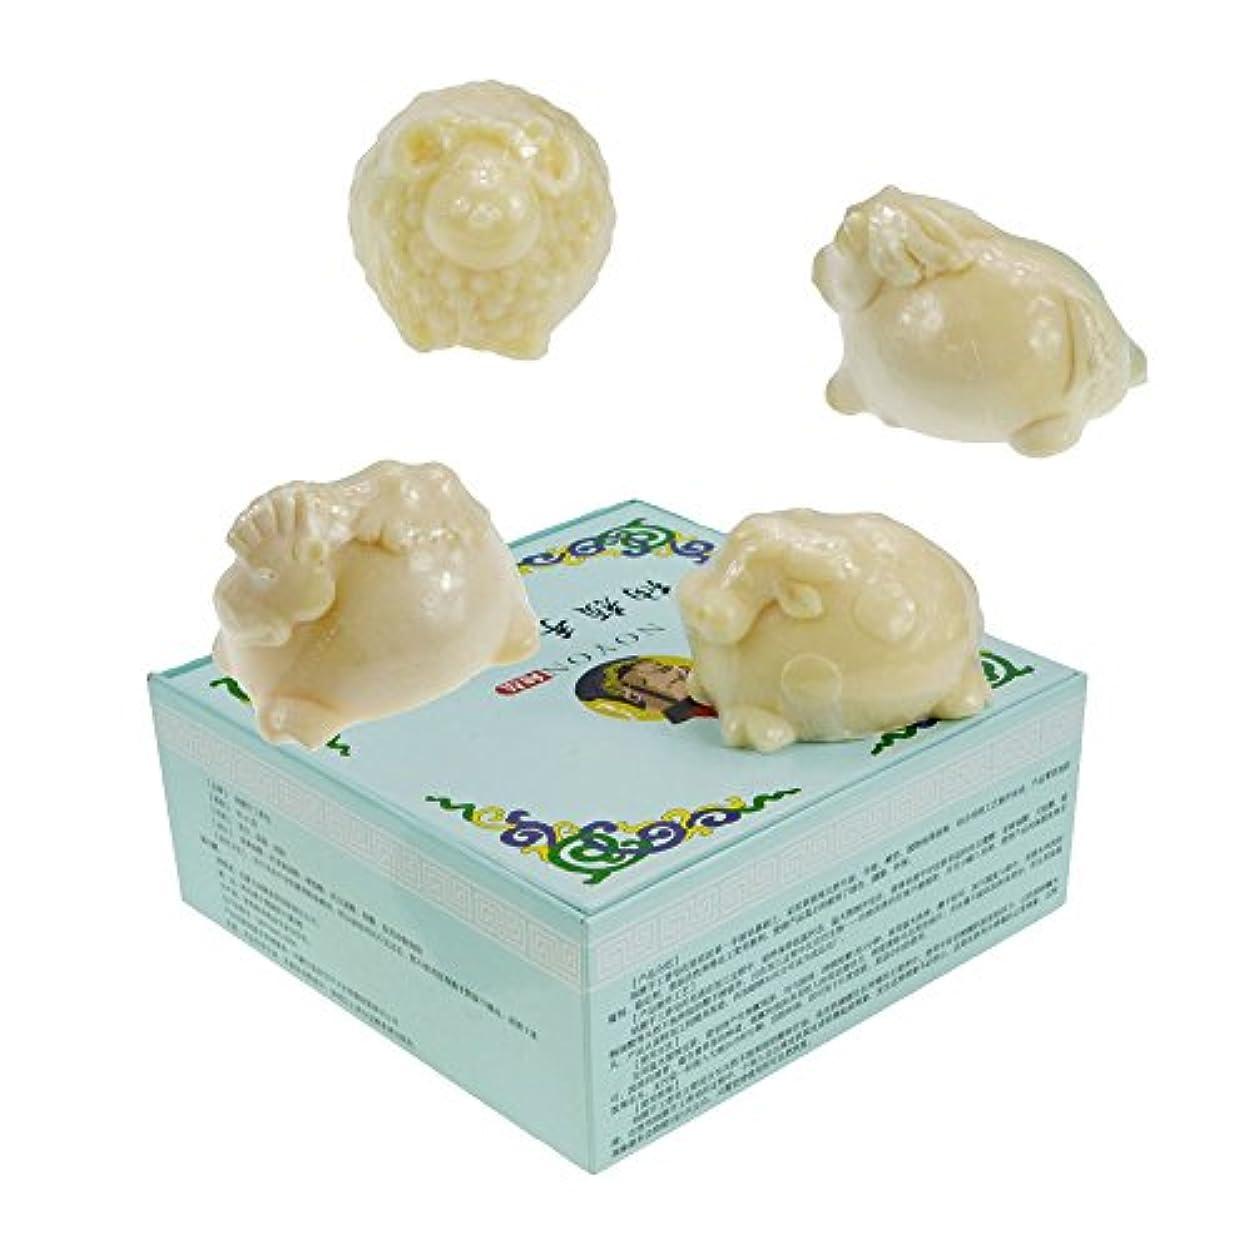 出発に慣れ安全手作り石鹸 無添加 洗顔石鹸 ラクダミルク石鹸(牧草動物の羊、牛、馬、ラクダのスタイリング)石鹸のミルク[4個]